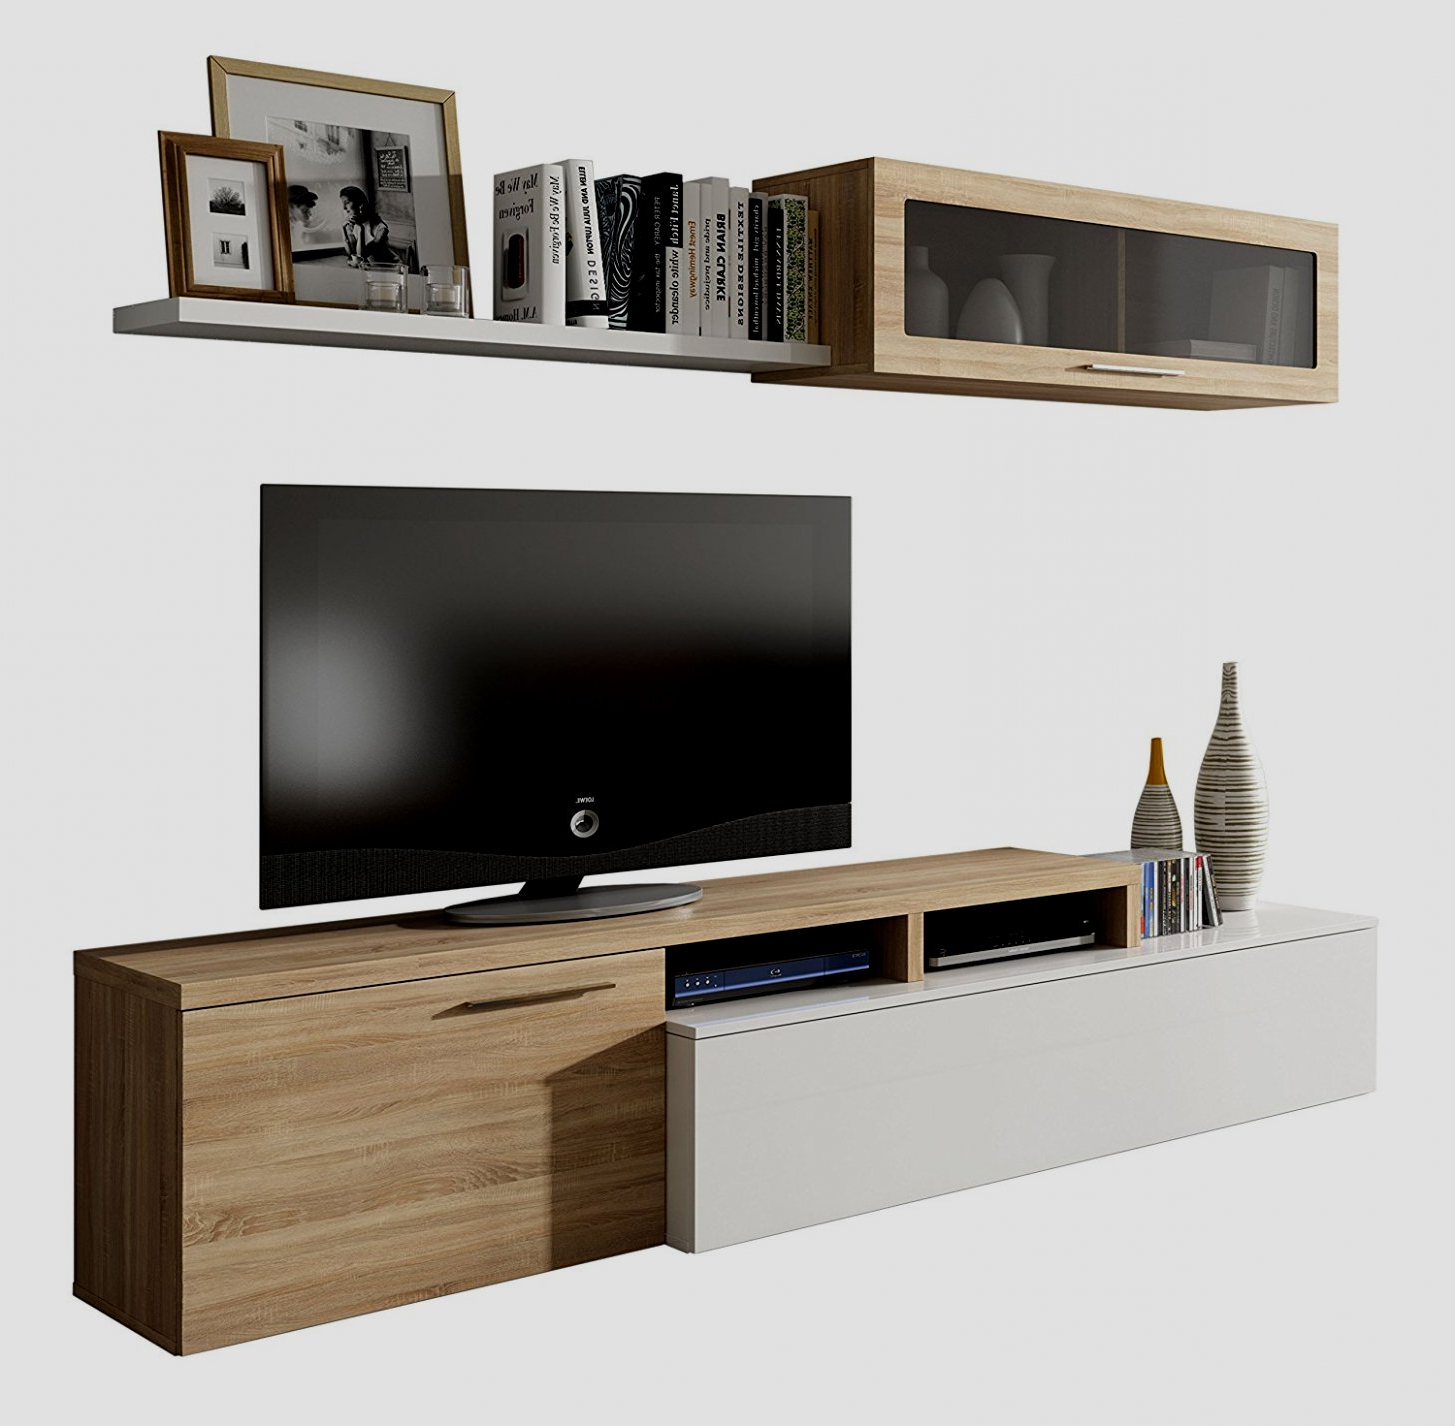 Muebles Salon El Corte Ingles Mndw Muebles Edor Baratos Encantador Muebles Salon Modernos El